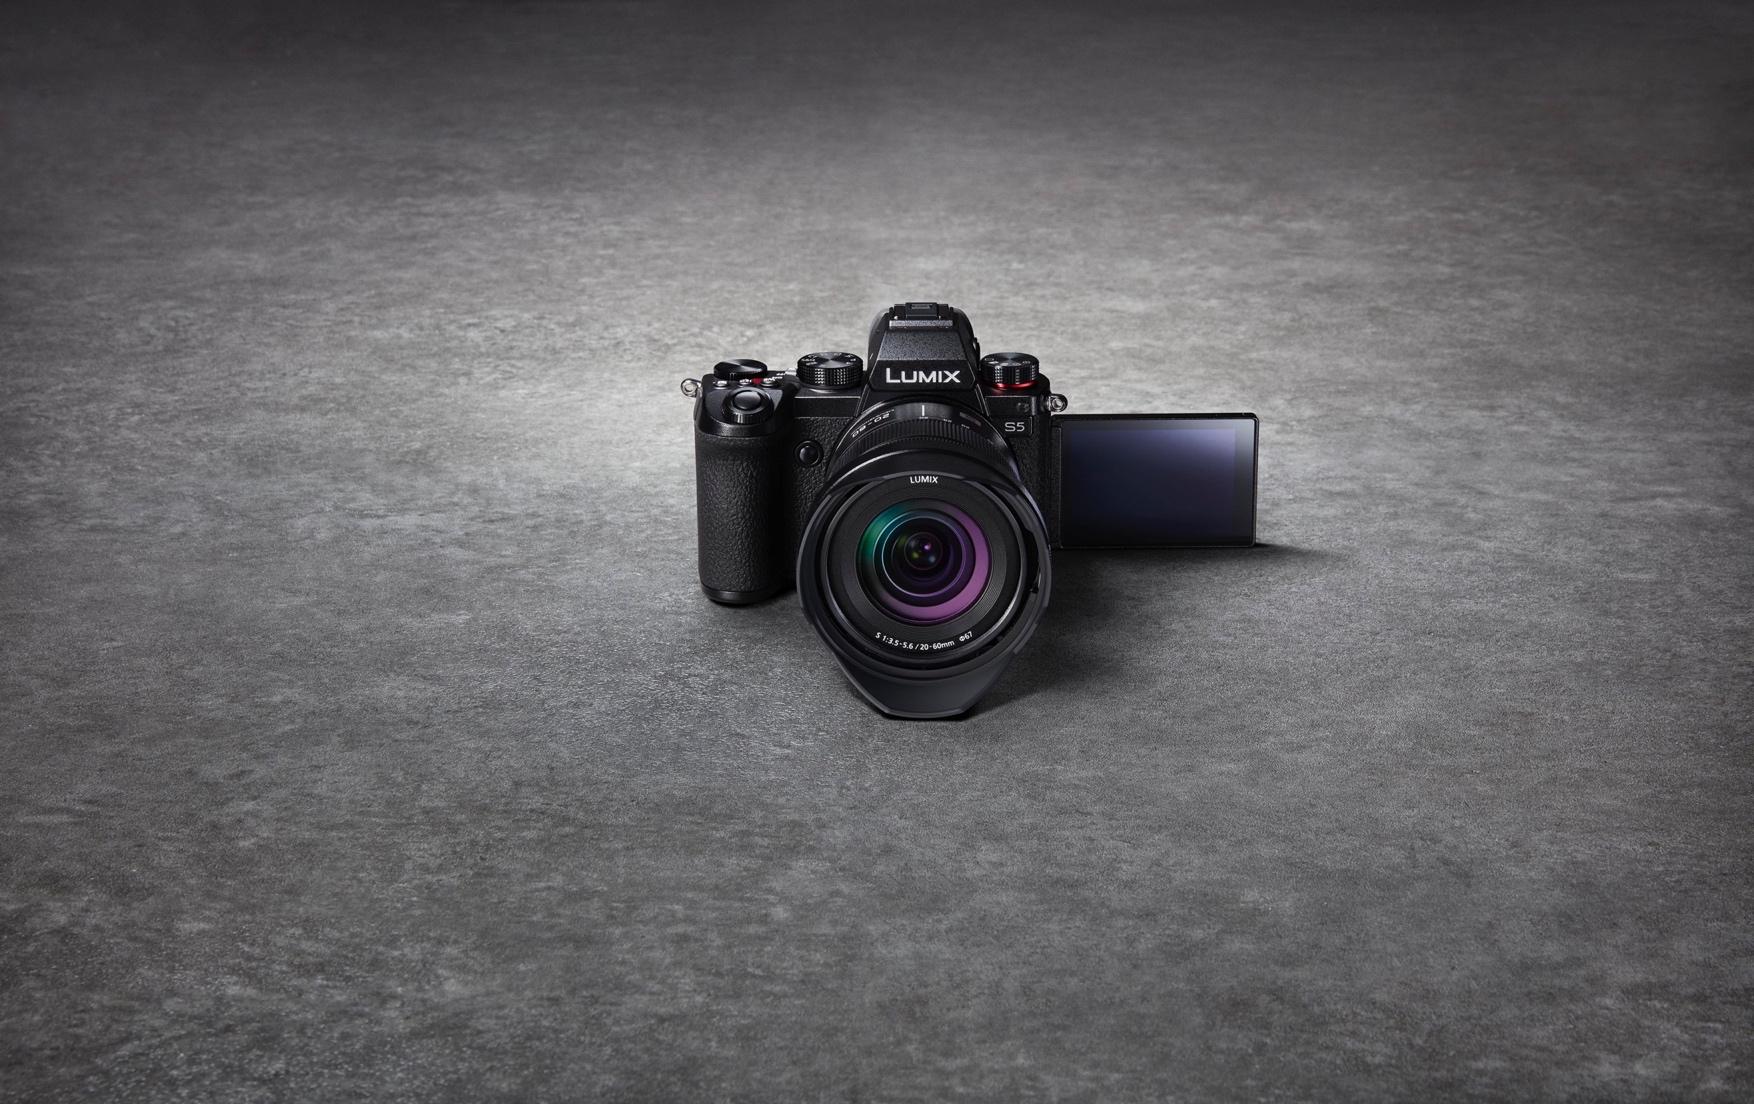 Die Panasonic Lumix S5 ist eine kompakte und leistungsfähige Vollformatkamera in einem extrem kompakten Gehäuse. Mit der Kamera bekommt die L-Mount Allianz von Panasonic, Leica und Sigma einen weiteren Zuwachs für ambitionierte Fotografen und Videografen.